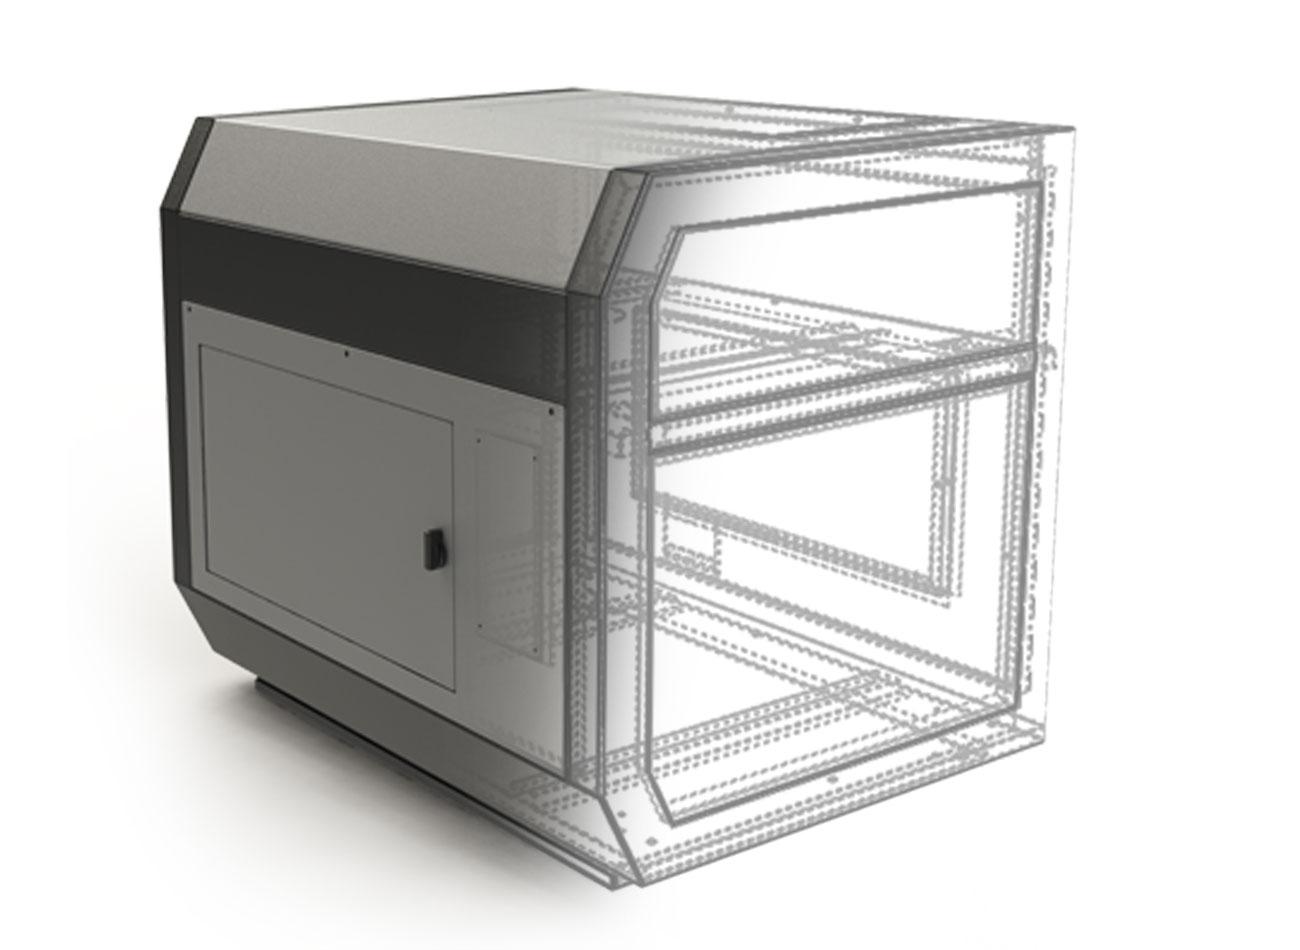 سالید ورکز مدلسازی سه بعدی بدنه لیتوگرافی